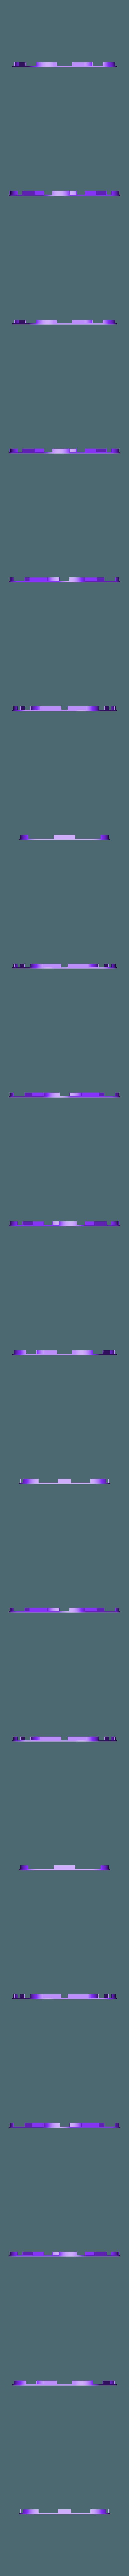 Cover_1.stl Télécharger fichier STL gratuit ADKS - Lampe de table multicolore Bluetooth • Design pour imprimante 3D, Adarkstudio